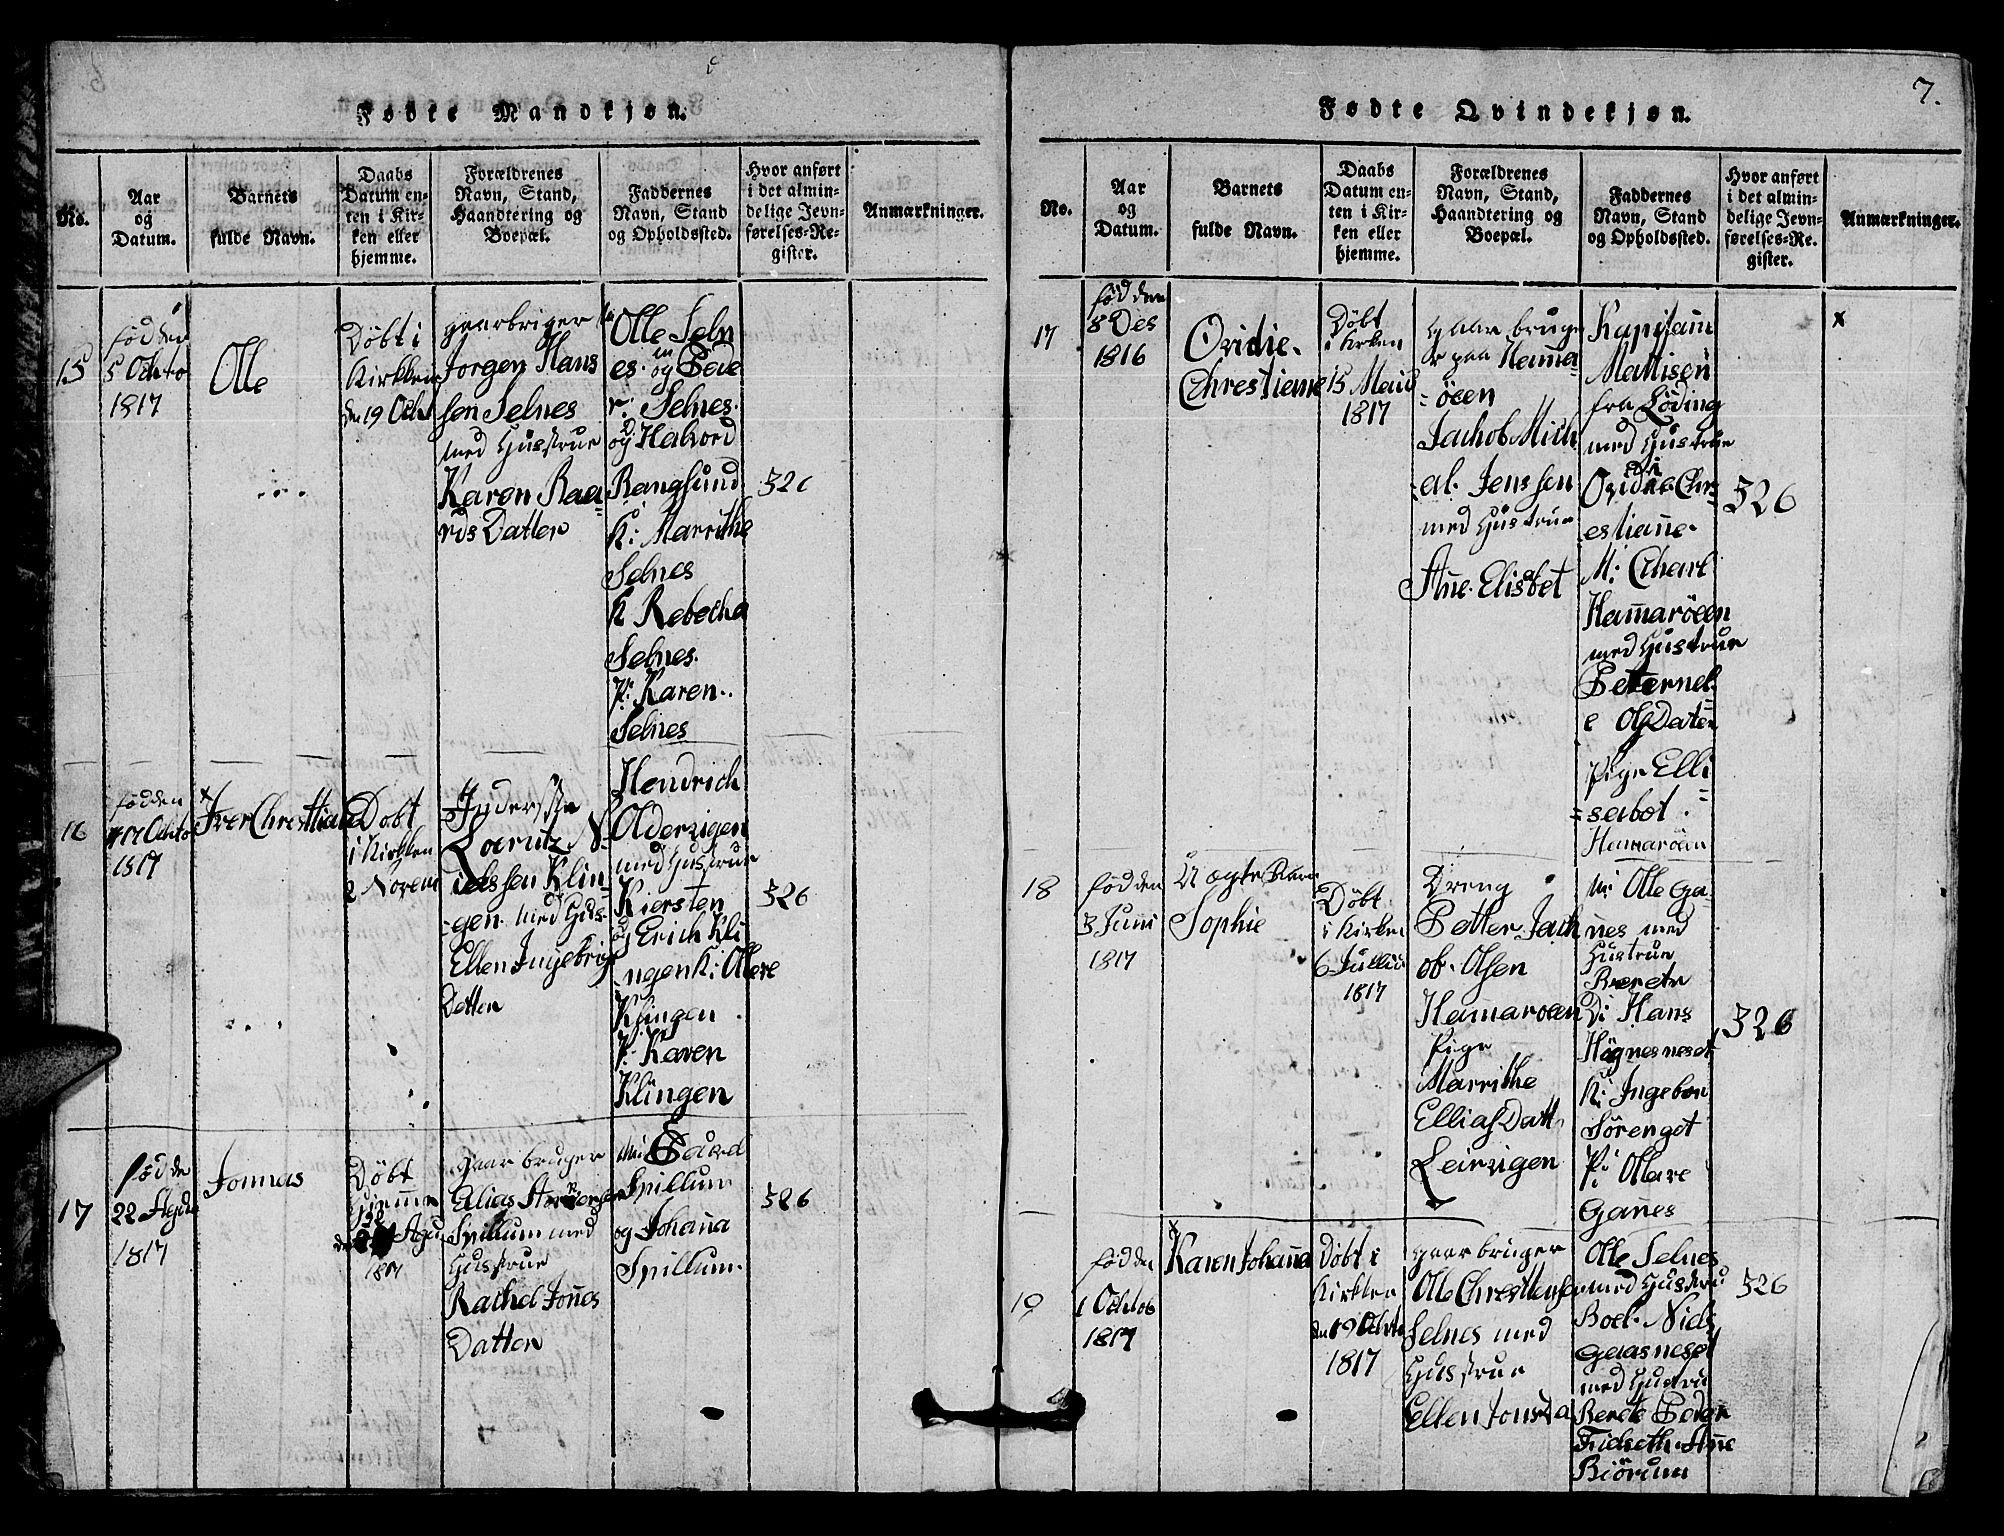 SAT, Ministerialprotokoller, klokkerbøker og fødselsregistre - Nord-Trøndelag, 770/L0590: Klokkerbok nr. 770C01, 1815-1824, s. 7